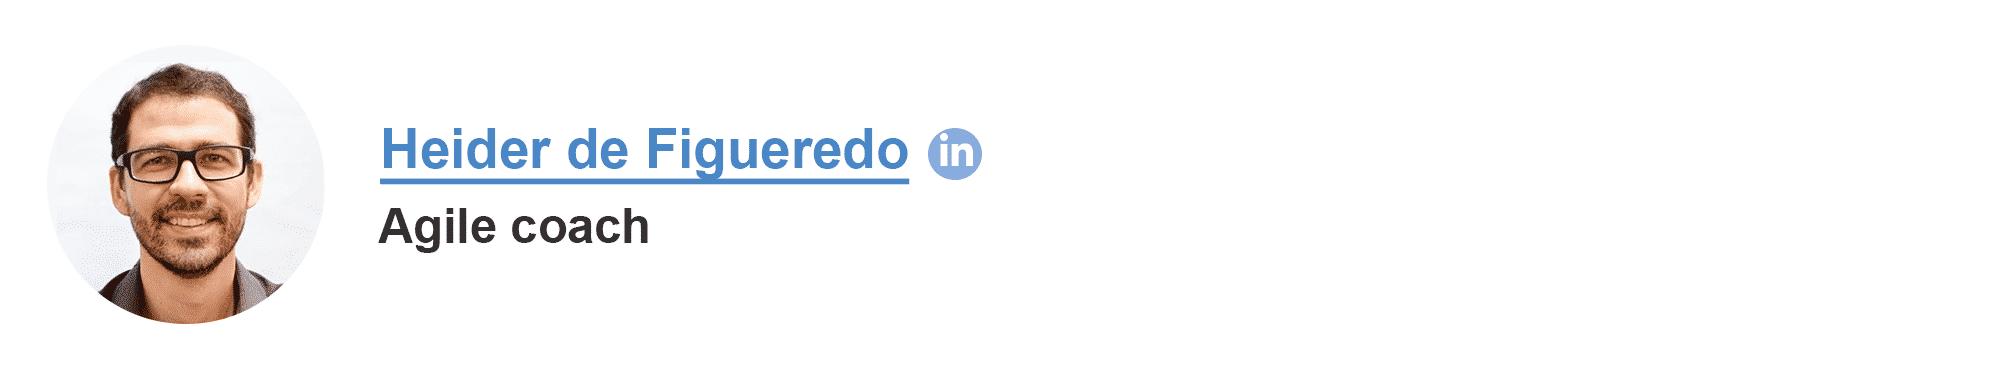 heider